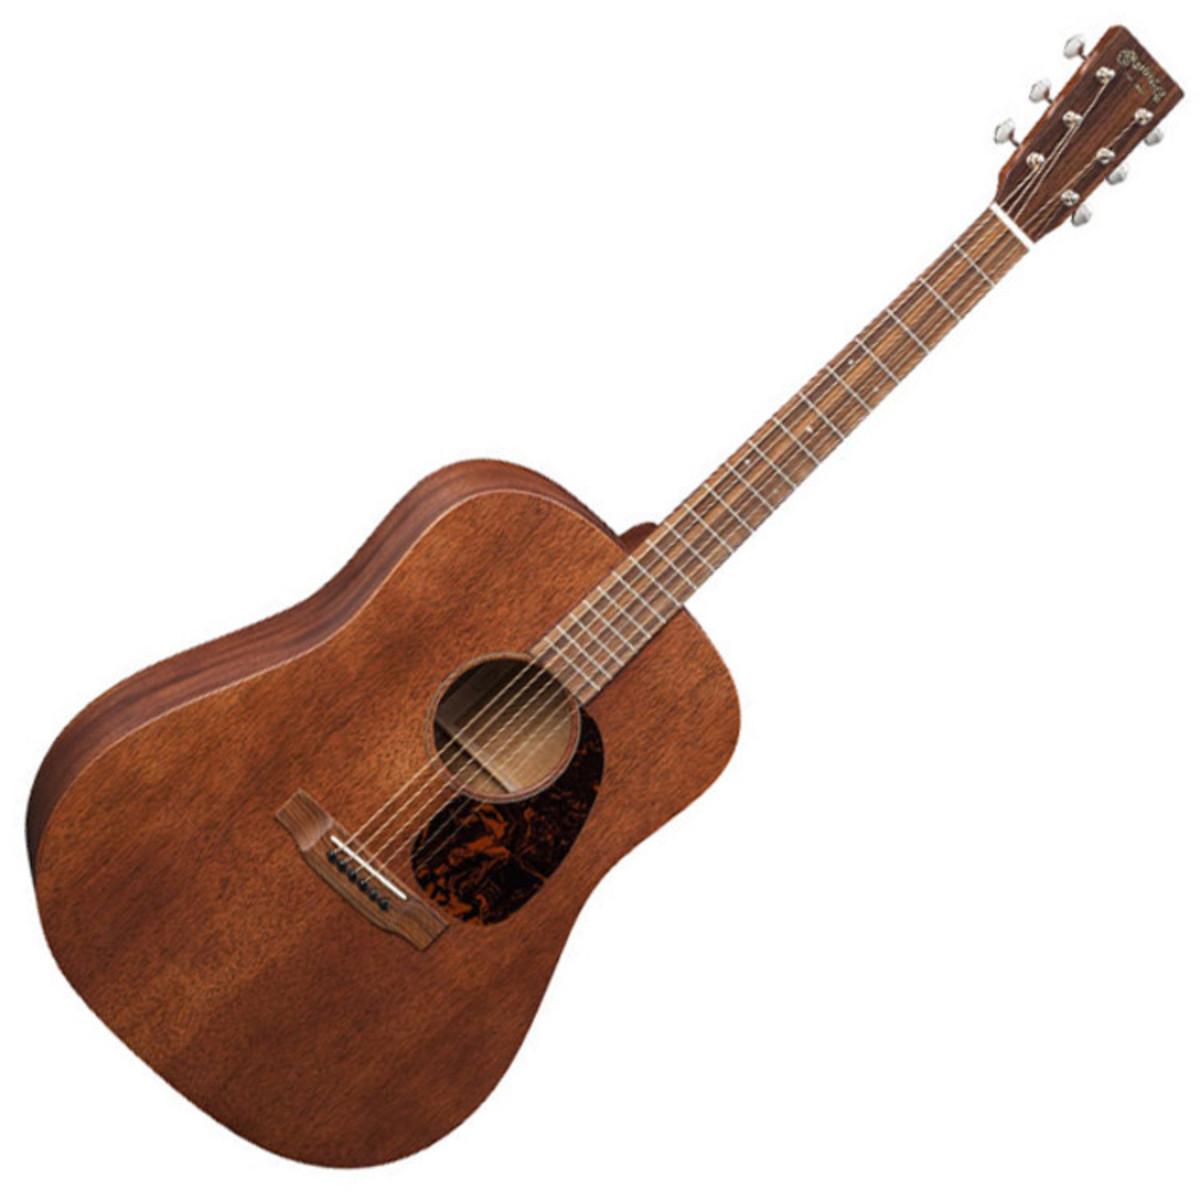 martin d 15me electro acoustique guitare uk uniquement le. Black Bedroom Furniture Sets. Home Design Ideas